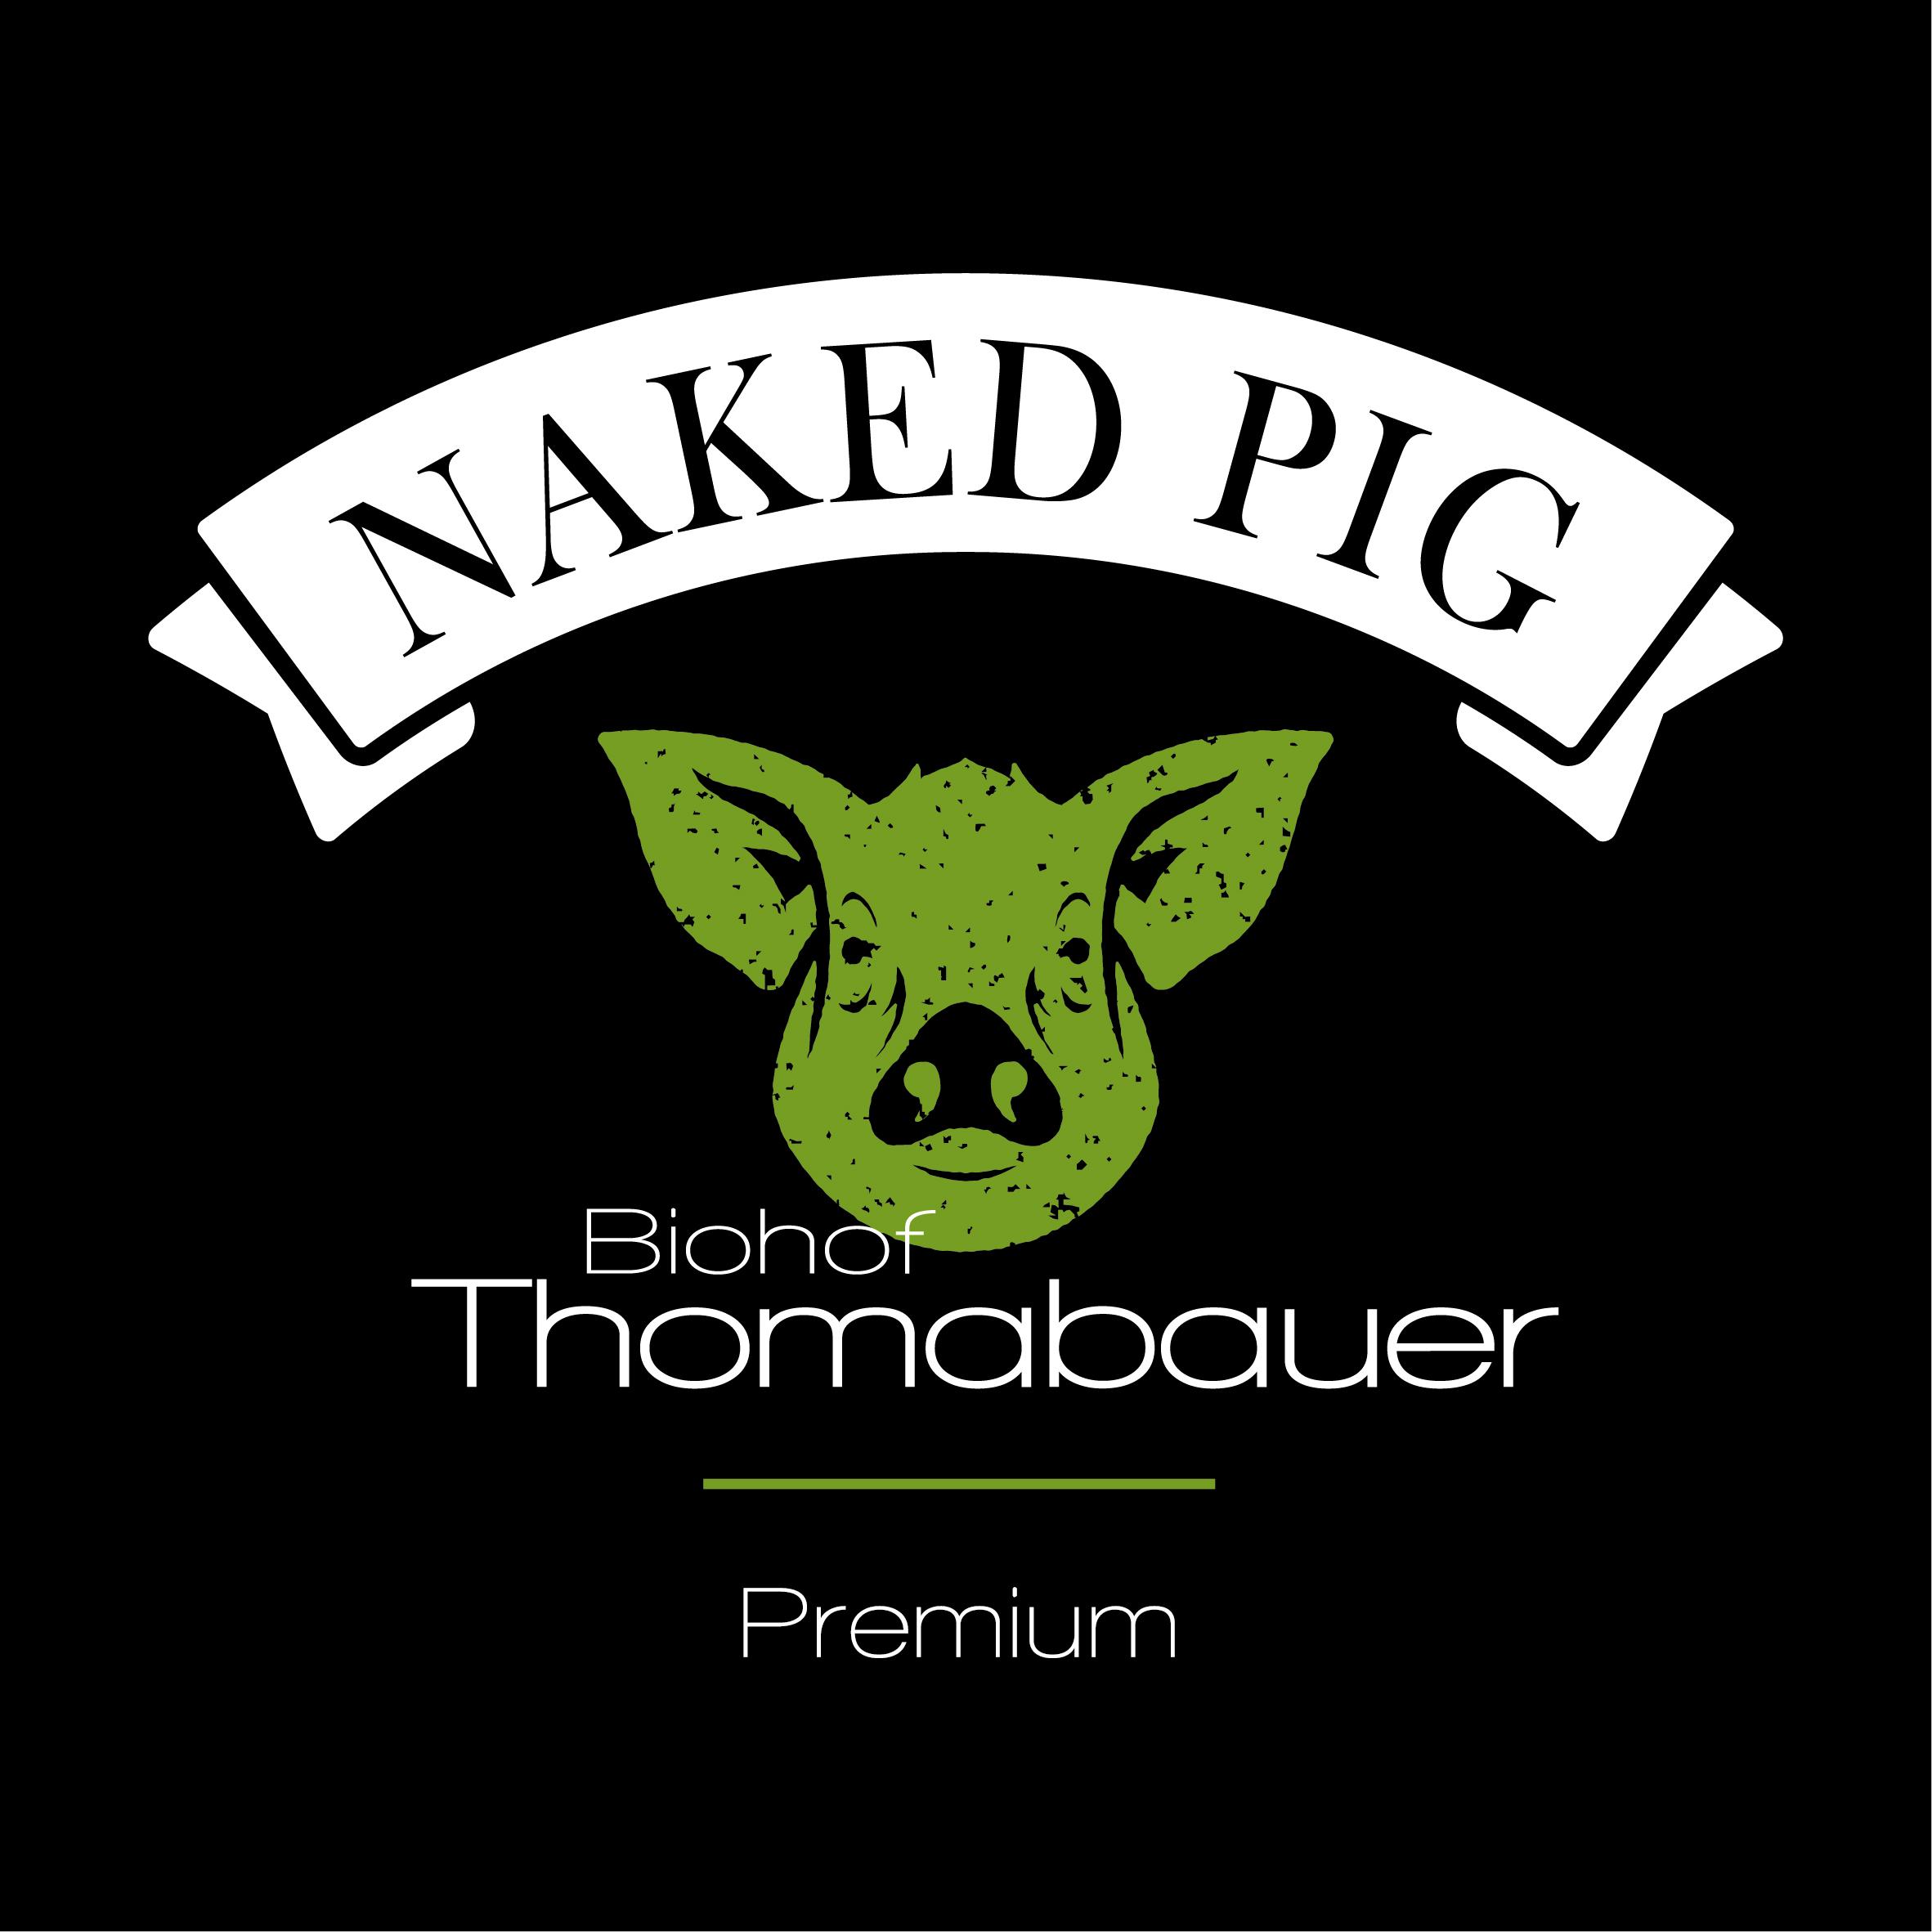 NAKED PIG | Fleischqualität vom Biohof Thomabauer in Prambachkirchen | Beim Biohof Thomabauer im Bezirk Grieskirchen erhalten Sie unsere Marke Naked Pig als hochwertigstes Bio-Fleisch ohne künstliche Zusätze! Schnitzerl,Ribs, usw!